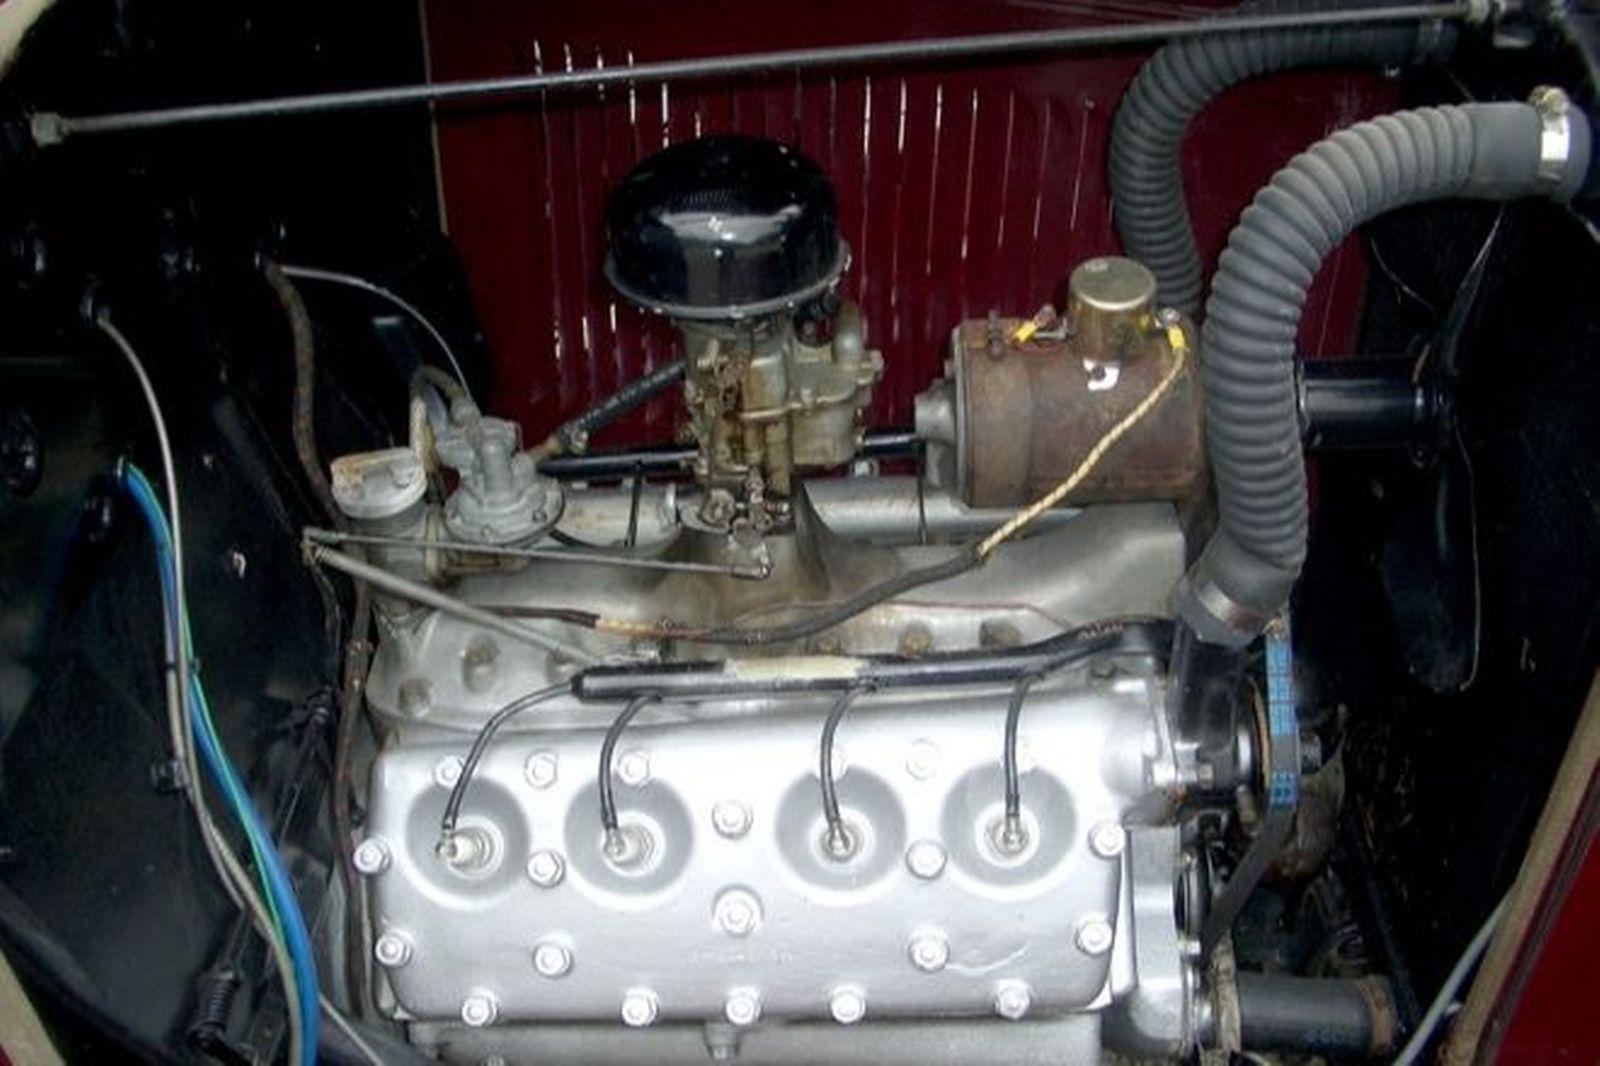 Ford V8 Deluxe (Phaeton) Tourer